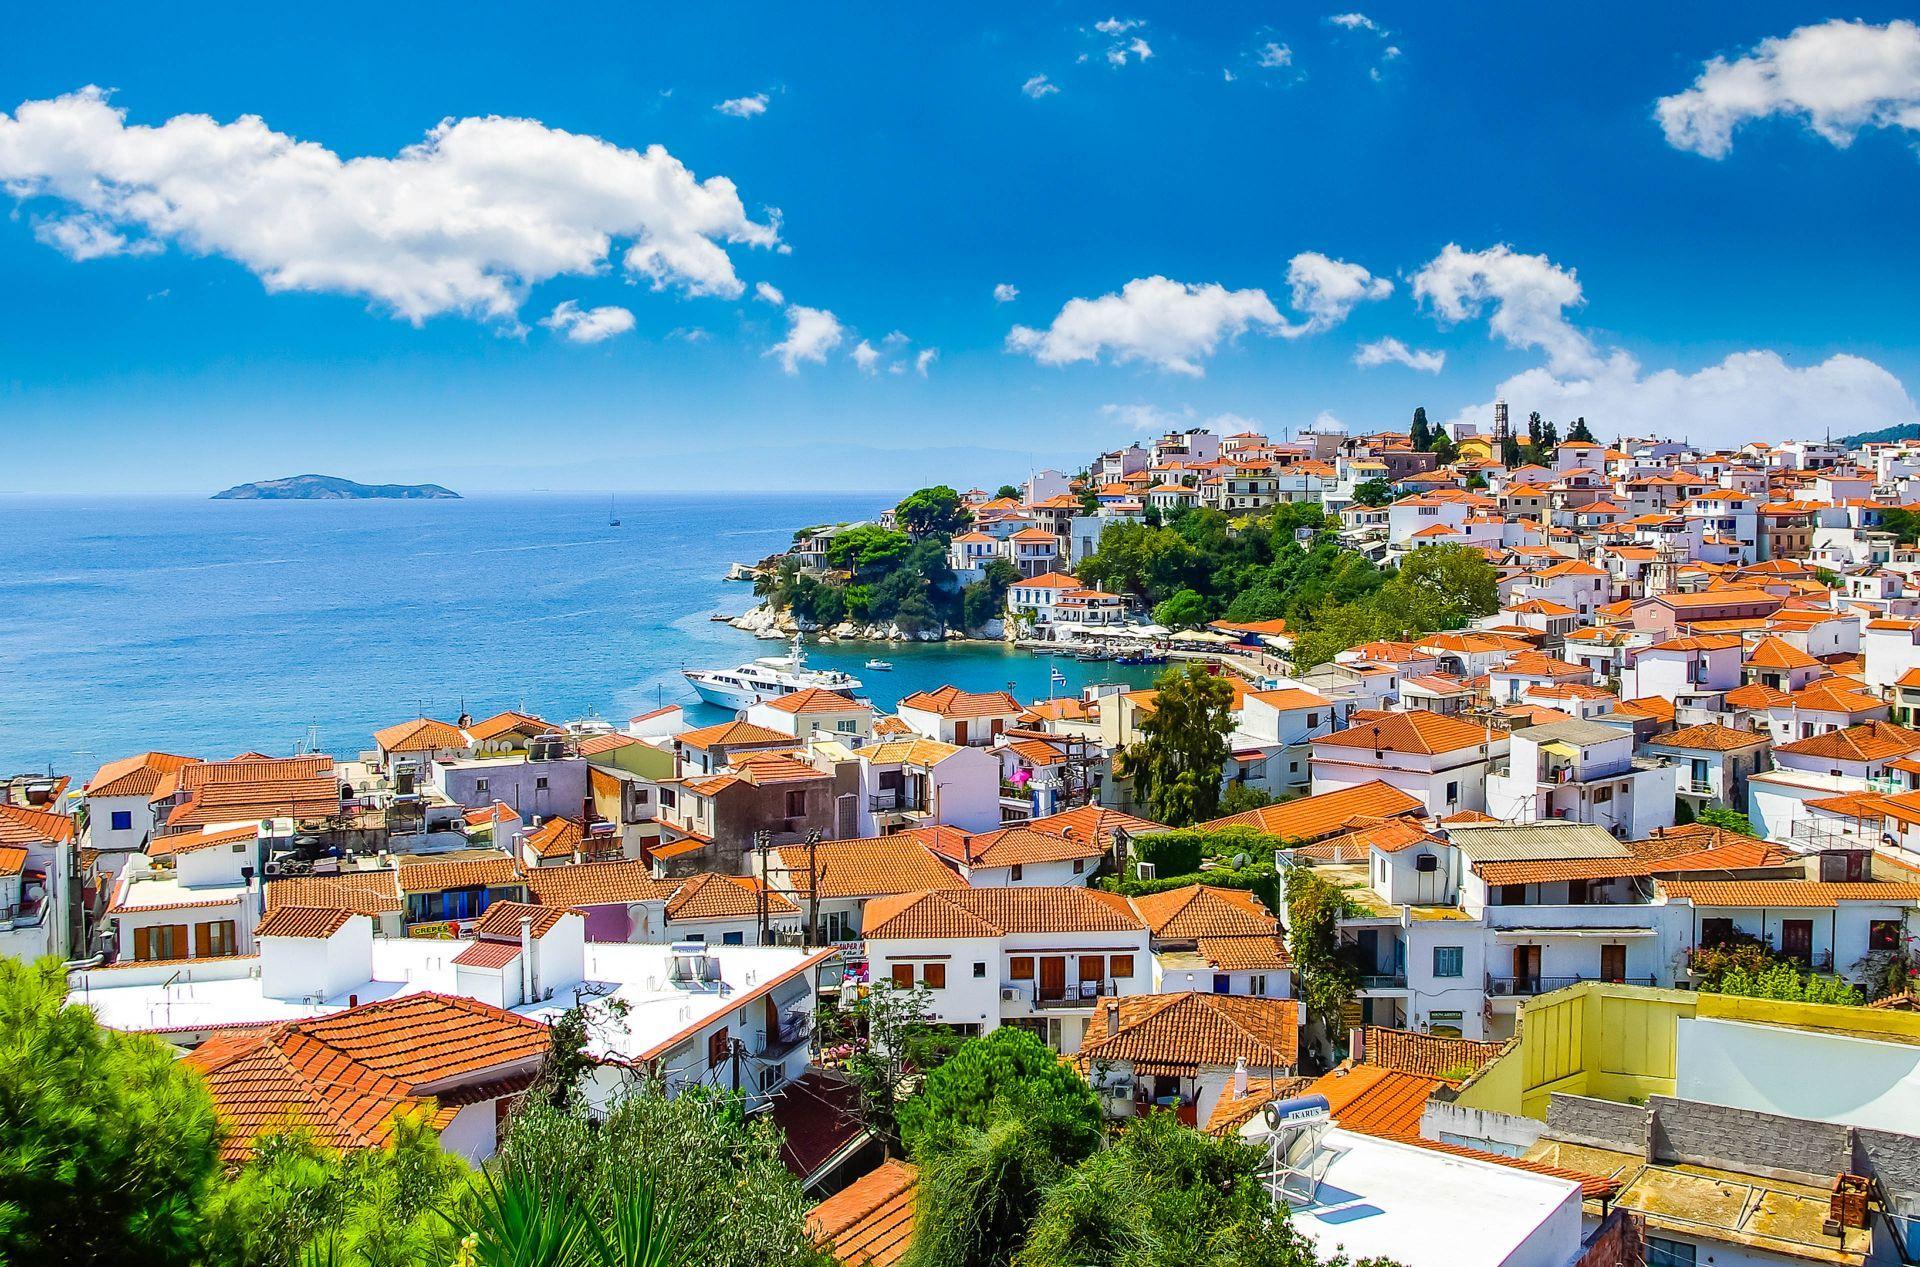 Skiathos Greece, Skiathos island travel guide - Greeka.com